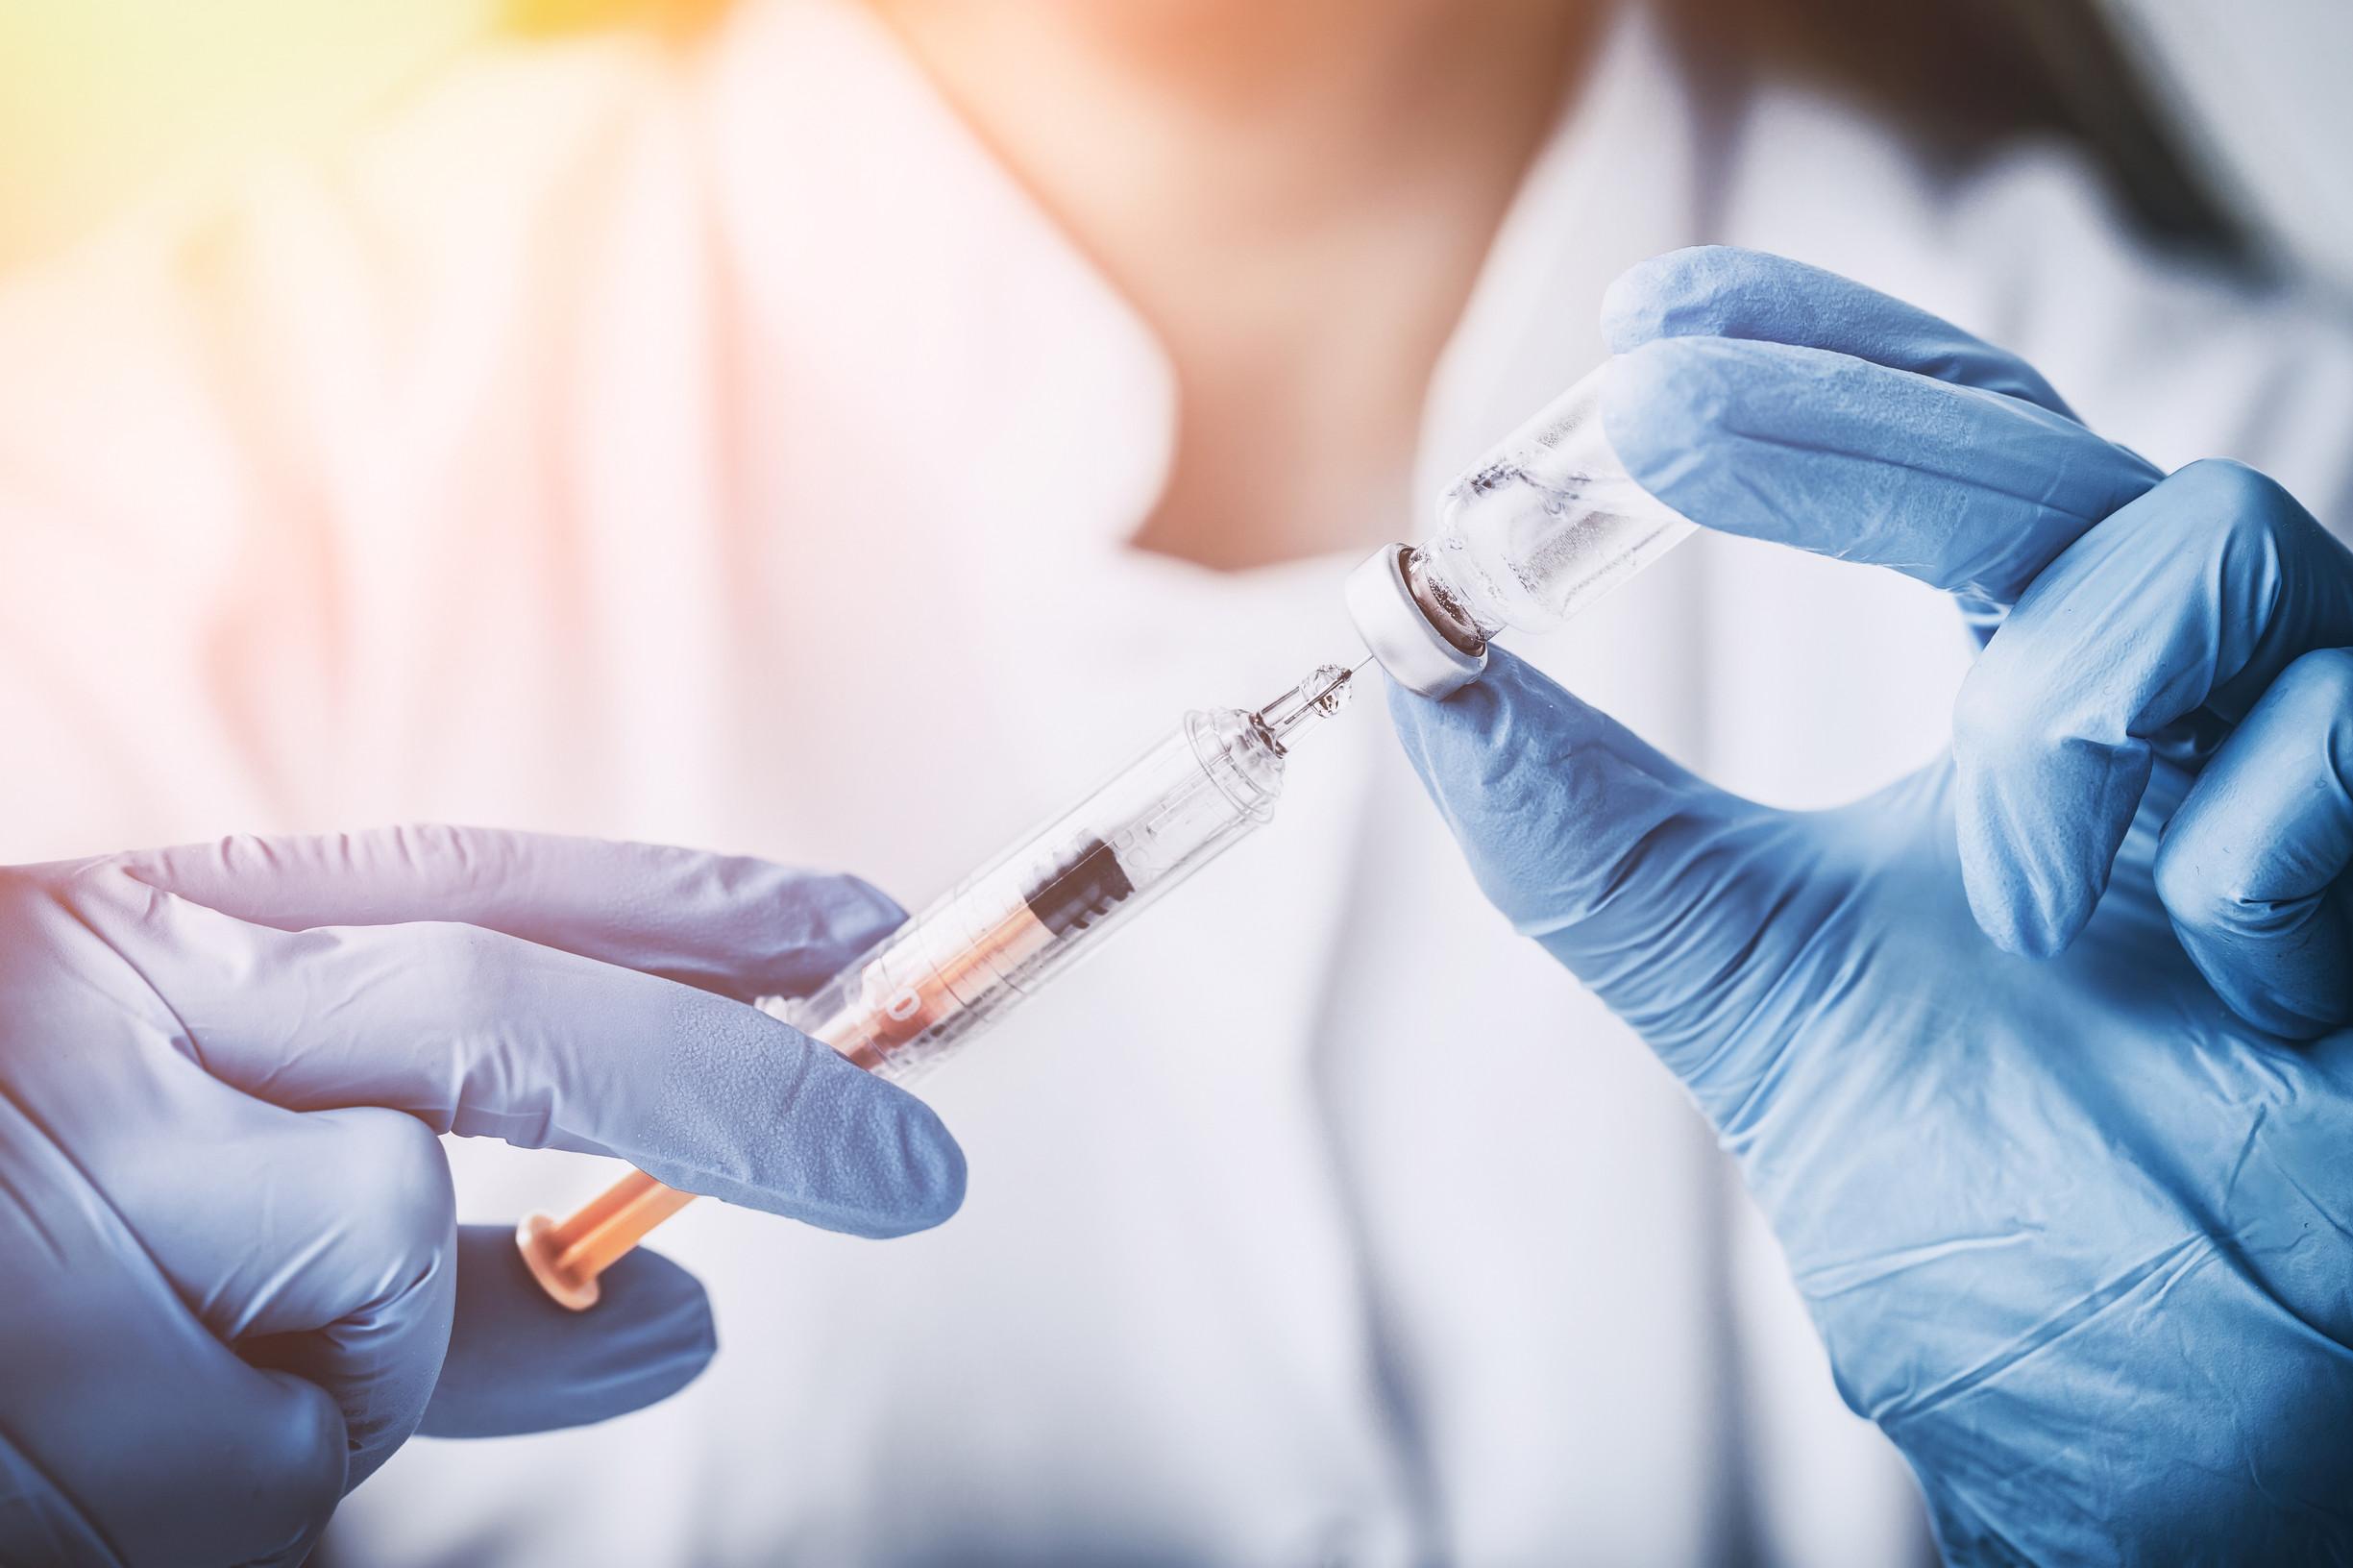 hpv virus ja raskaus